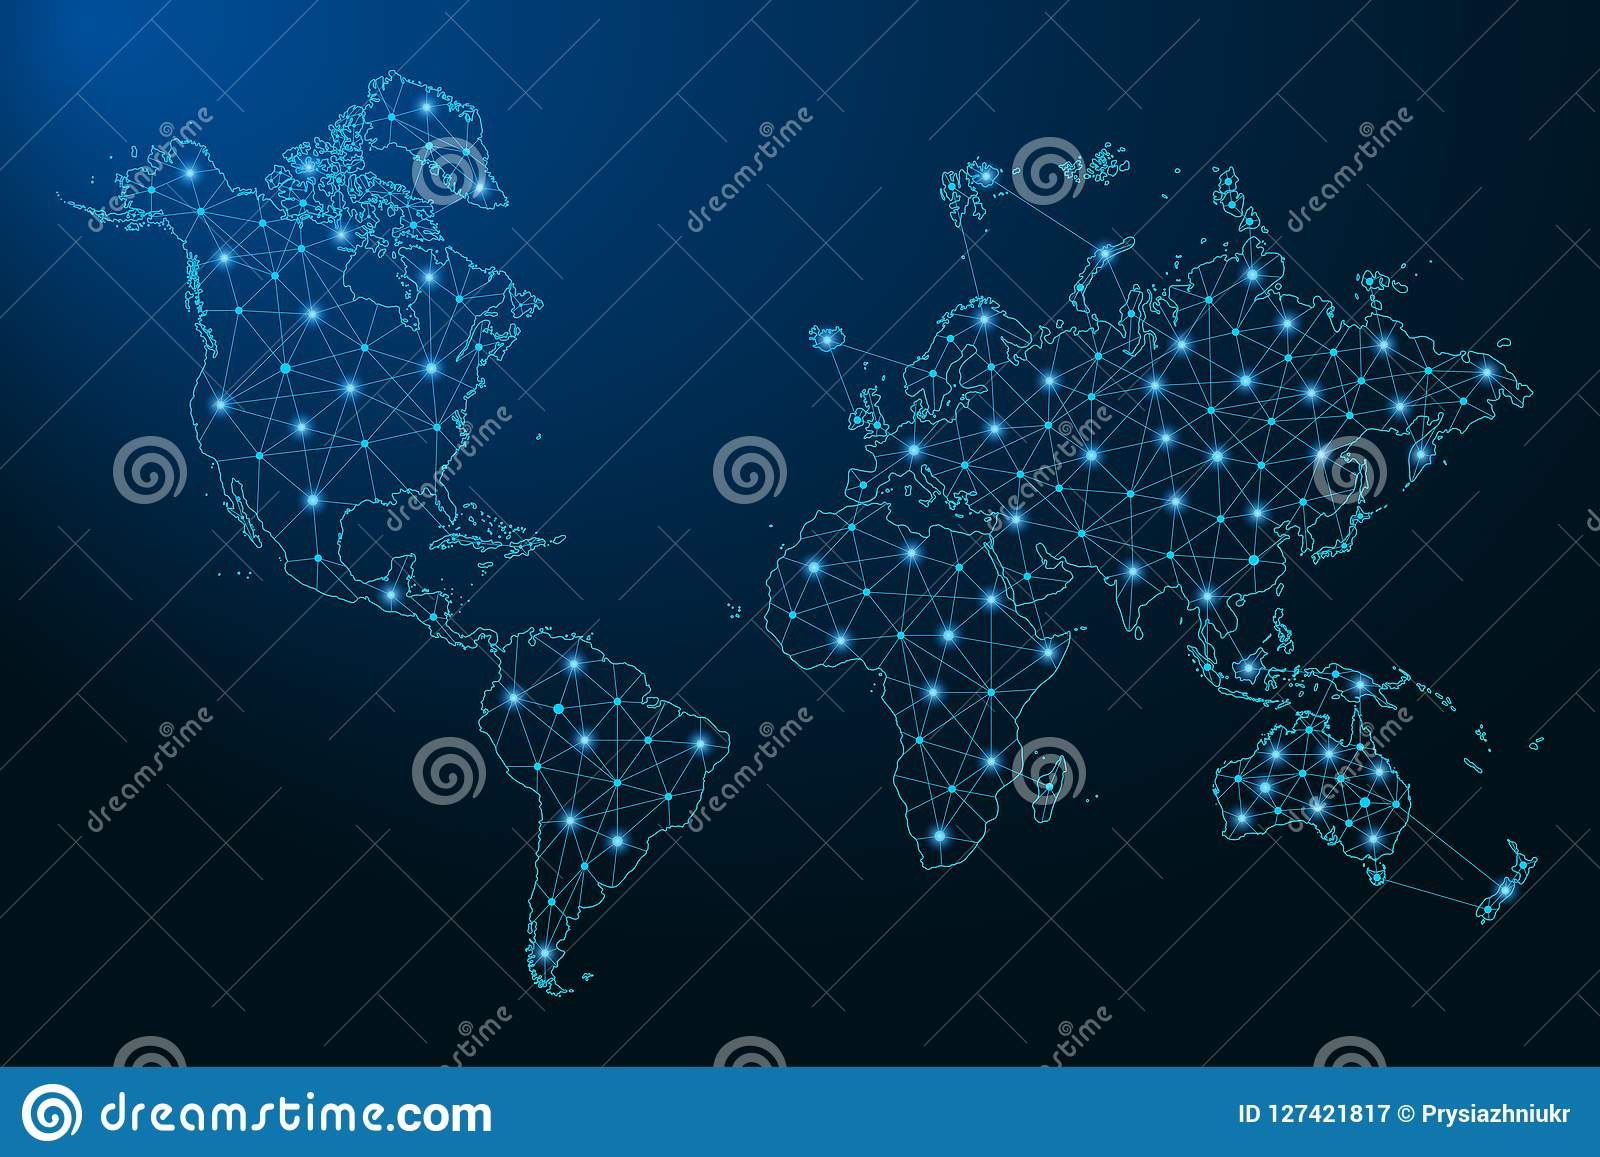 Ο αφηρημένος παγκόσμιος χάρτης δημιούργησε από τις γραμμές και τα φωτεινά σημεία υπό μορφή έναστρου ουρανού, polygonal πλέγμα wir